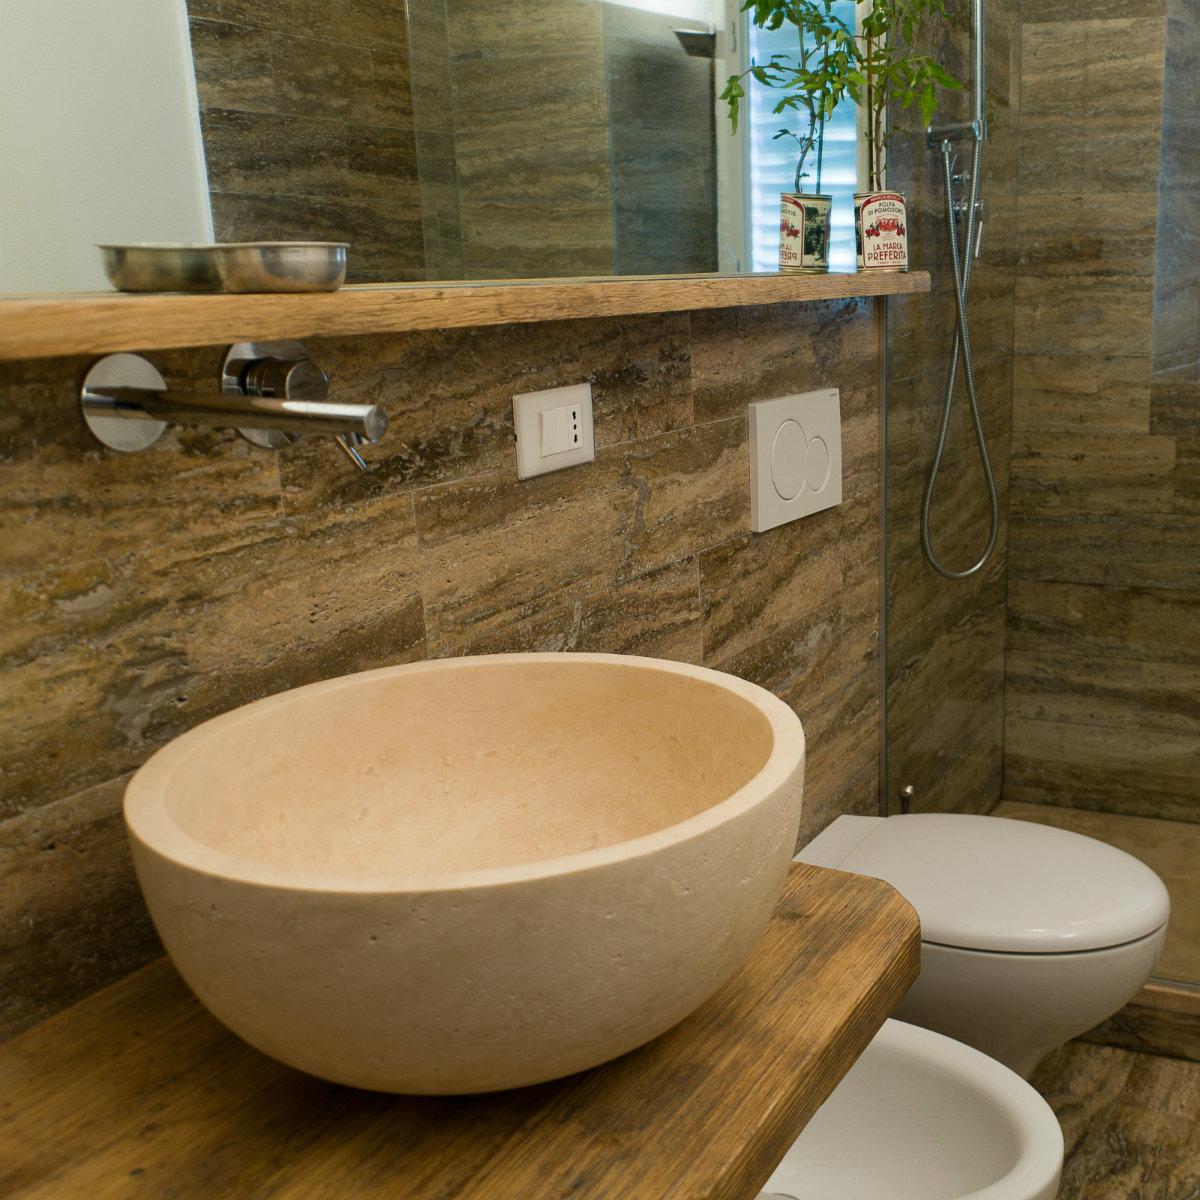 Inoltre è stato scelto il lavabo FIANO dalla forma semisferica che ...